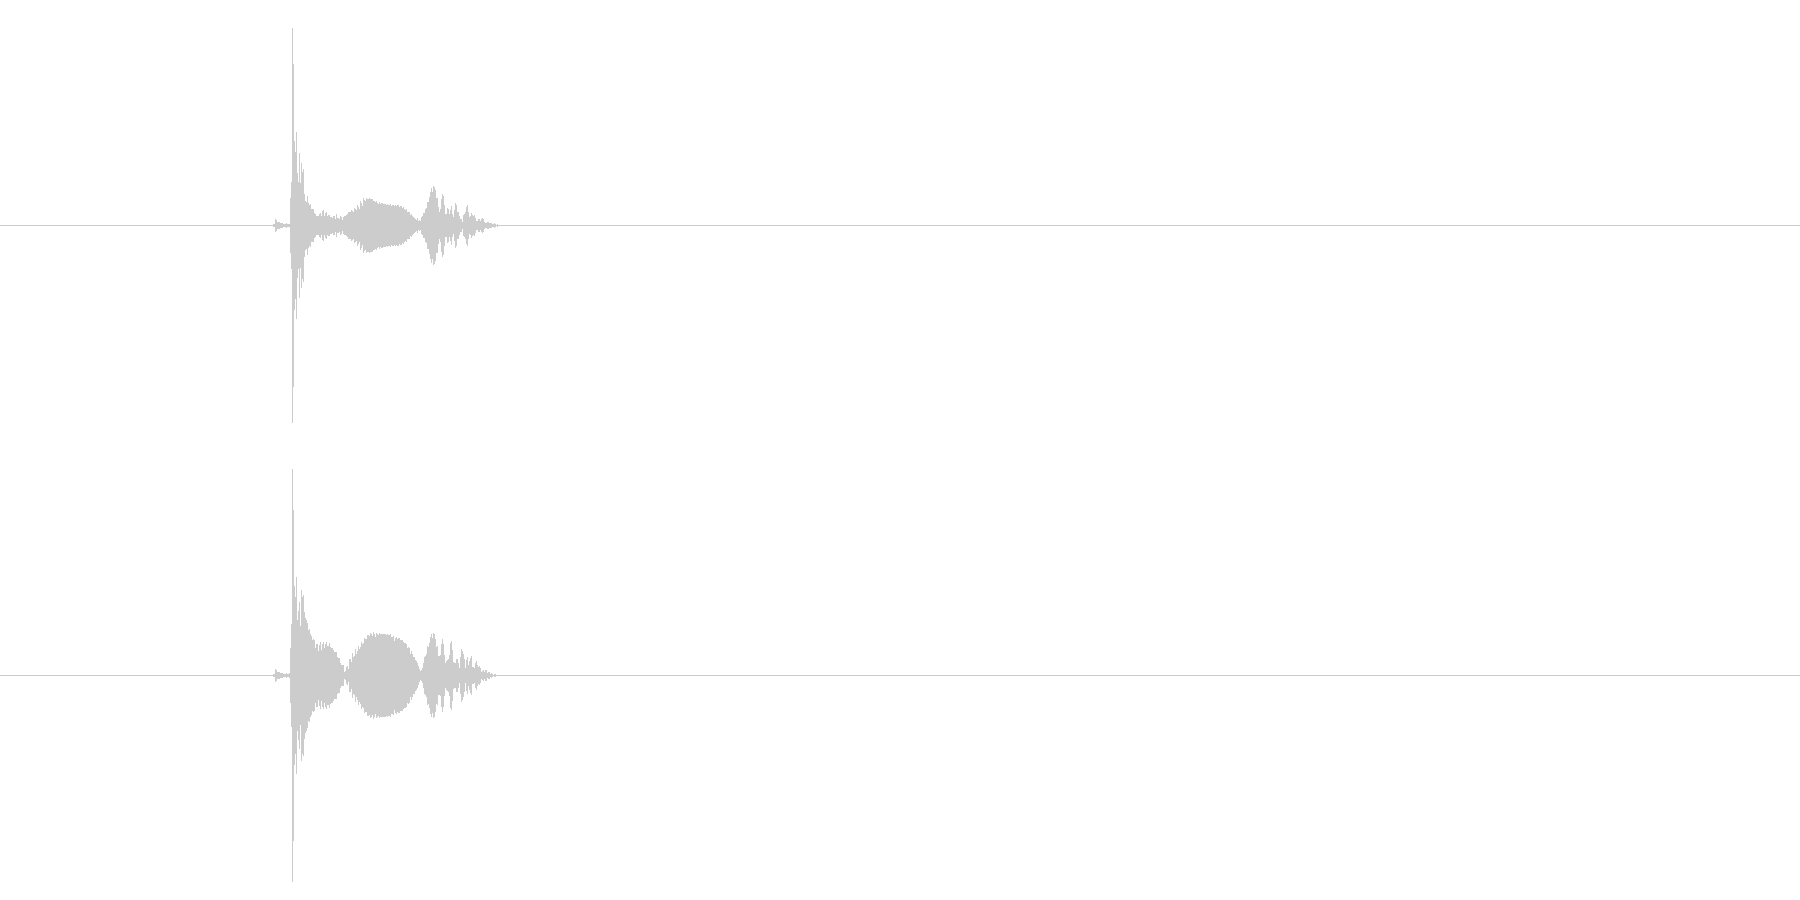 ぽよん(水面に物体を落とした音)の未再生の波形